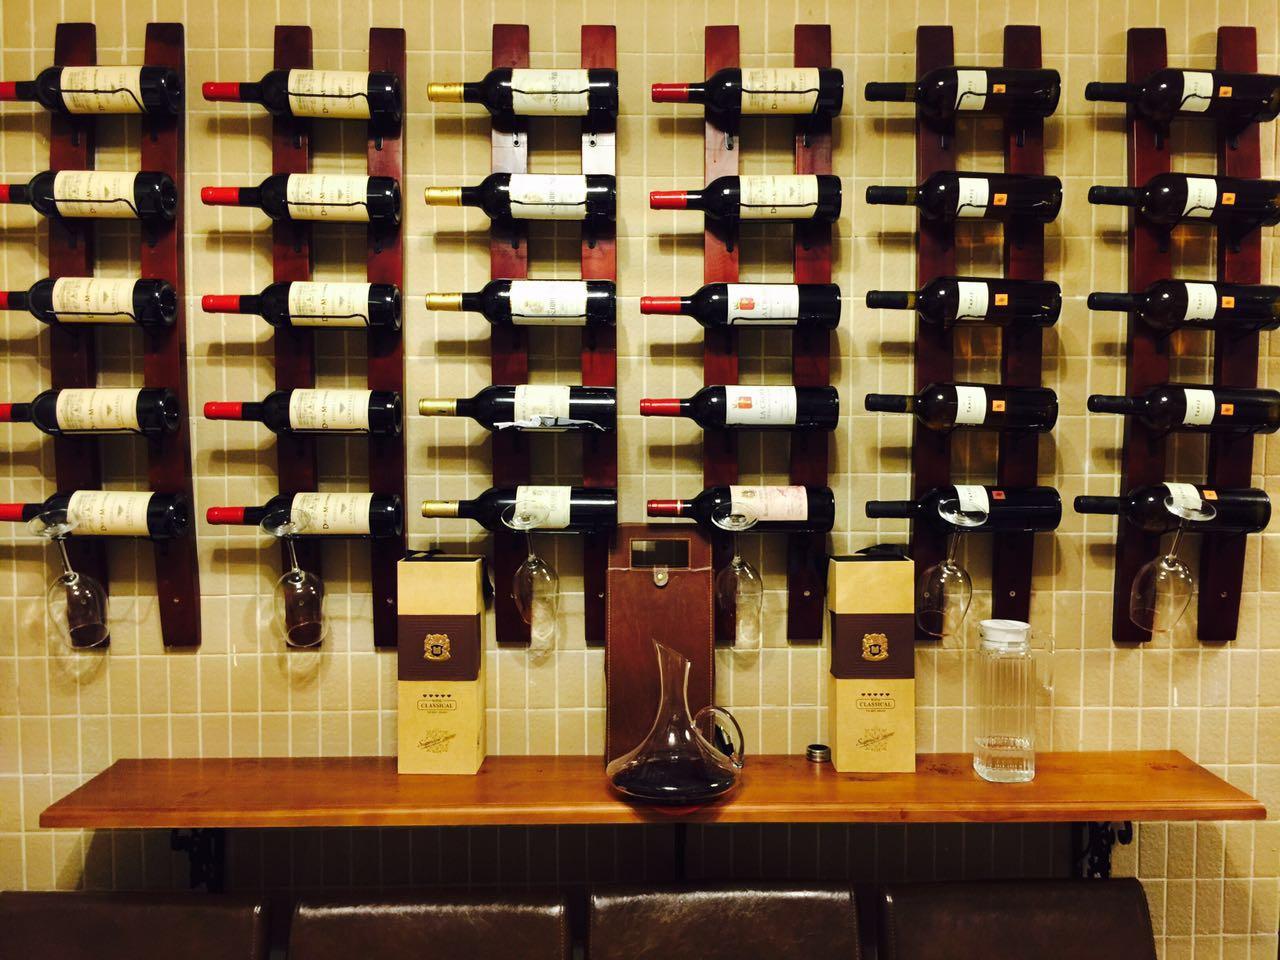 葡萄酒架装饰壁挂式红酒架悬挂墙壁酒架酒柜实木酒吧创意架